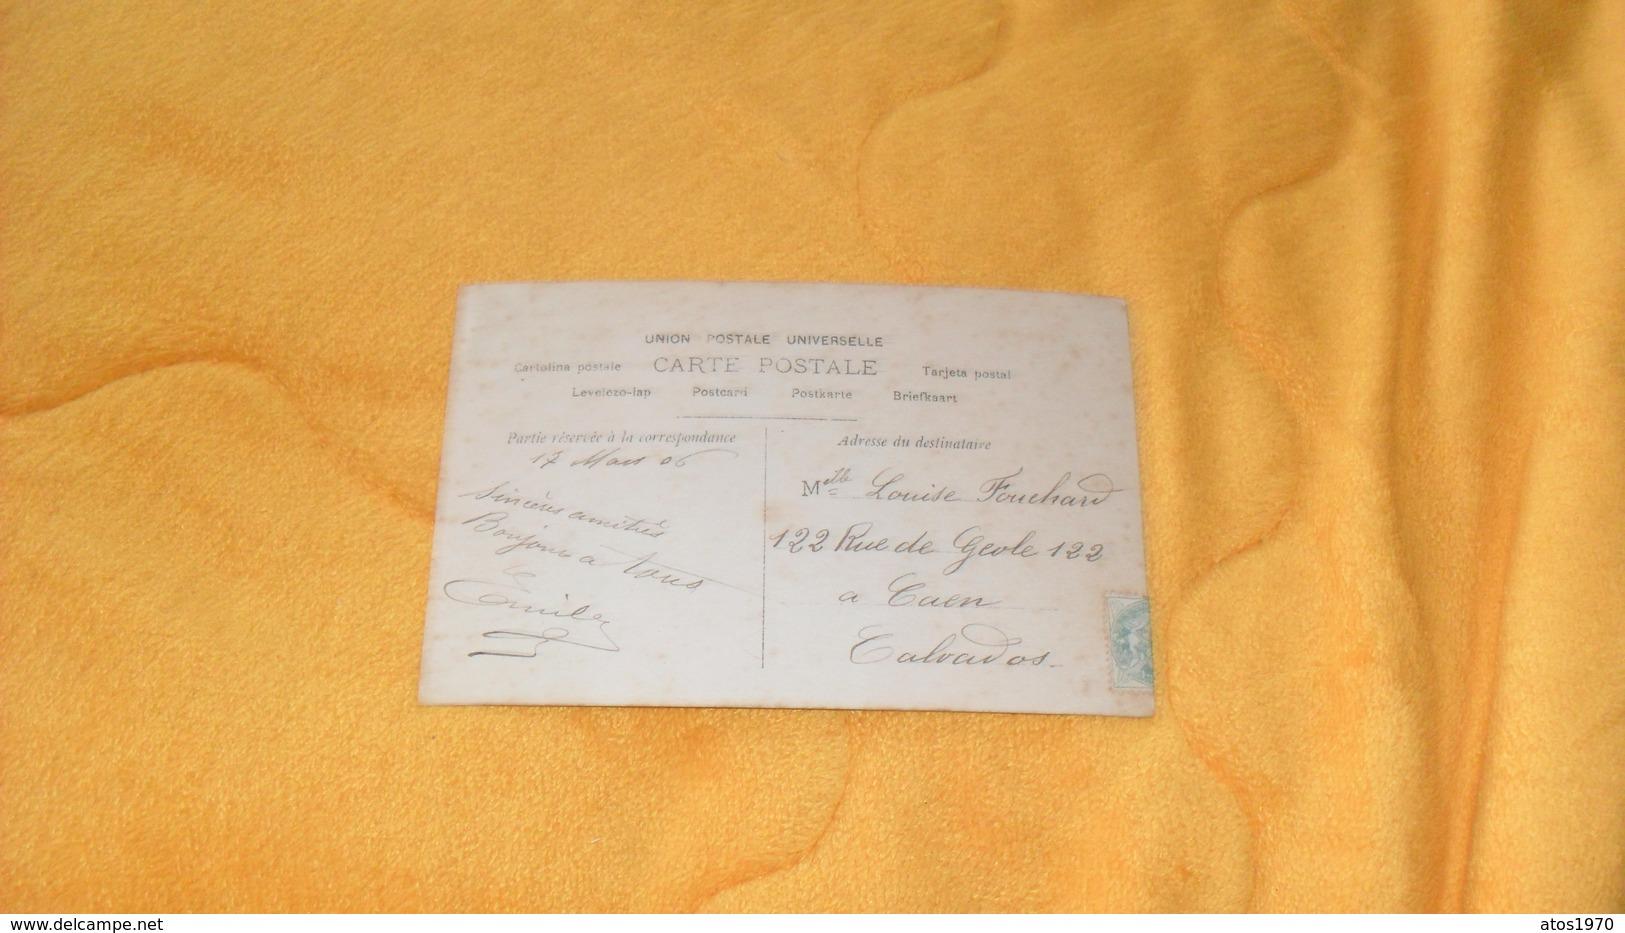 CARTE POSTALE ANCIENNE CIRCULEE DE 1906.../ PORTRAIT DE FEMME PAR A. MANUEL..1415..CACHET + TIMBRE - Femmes